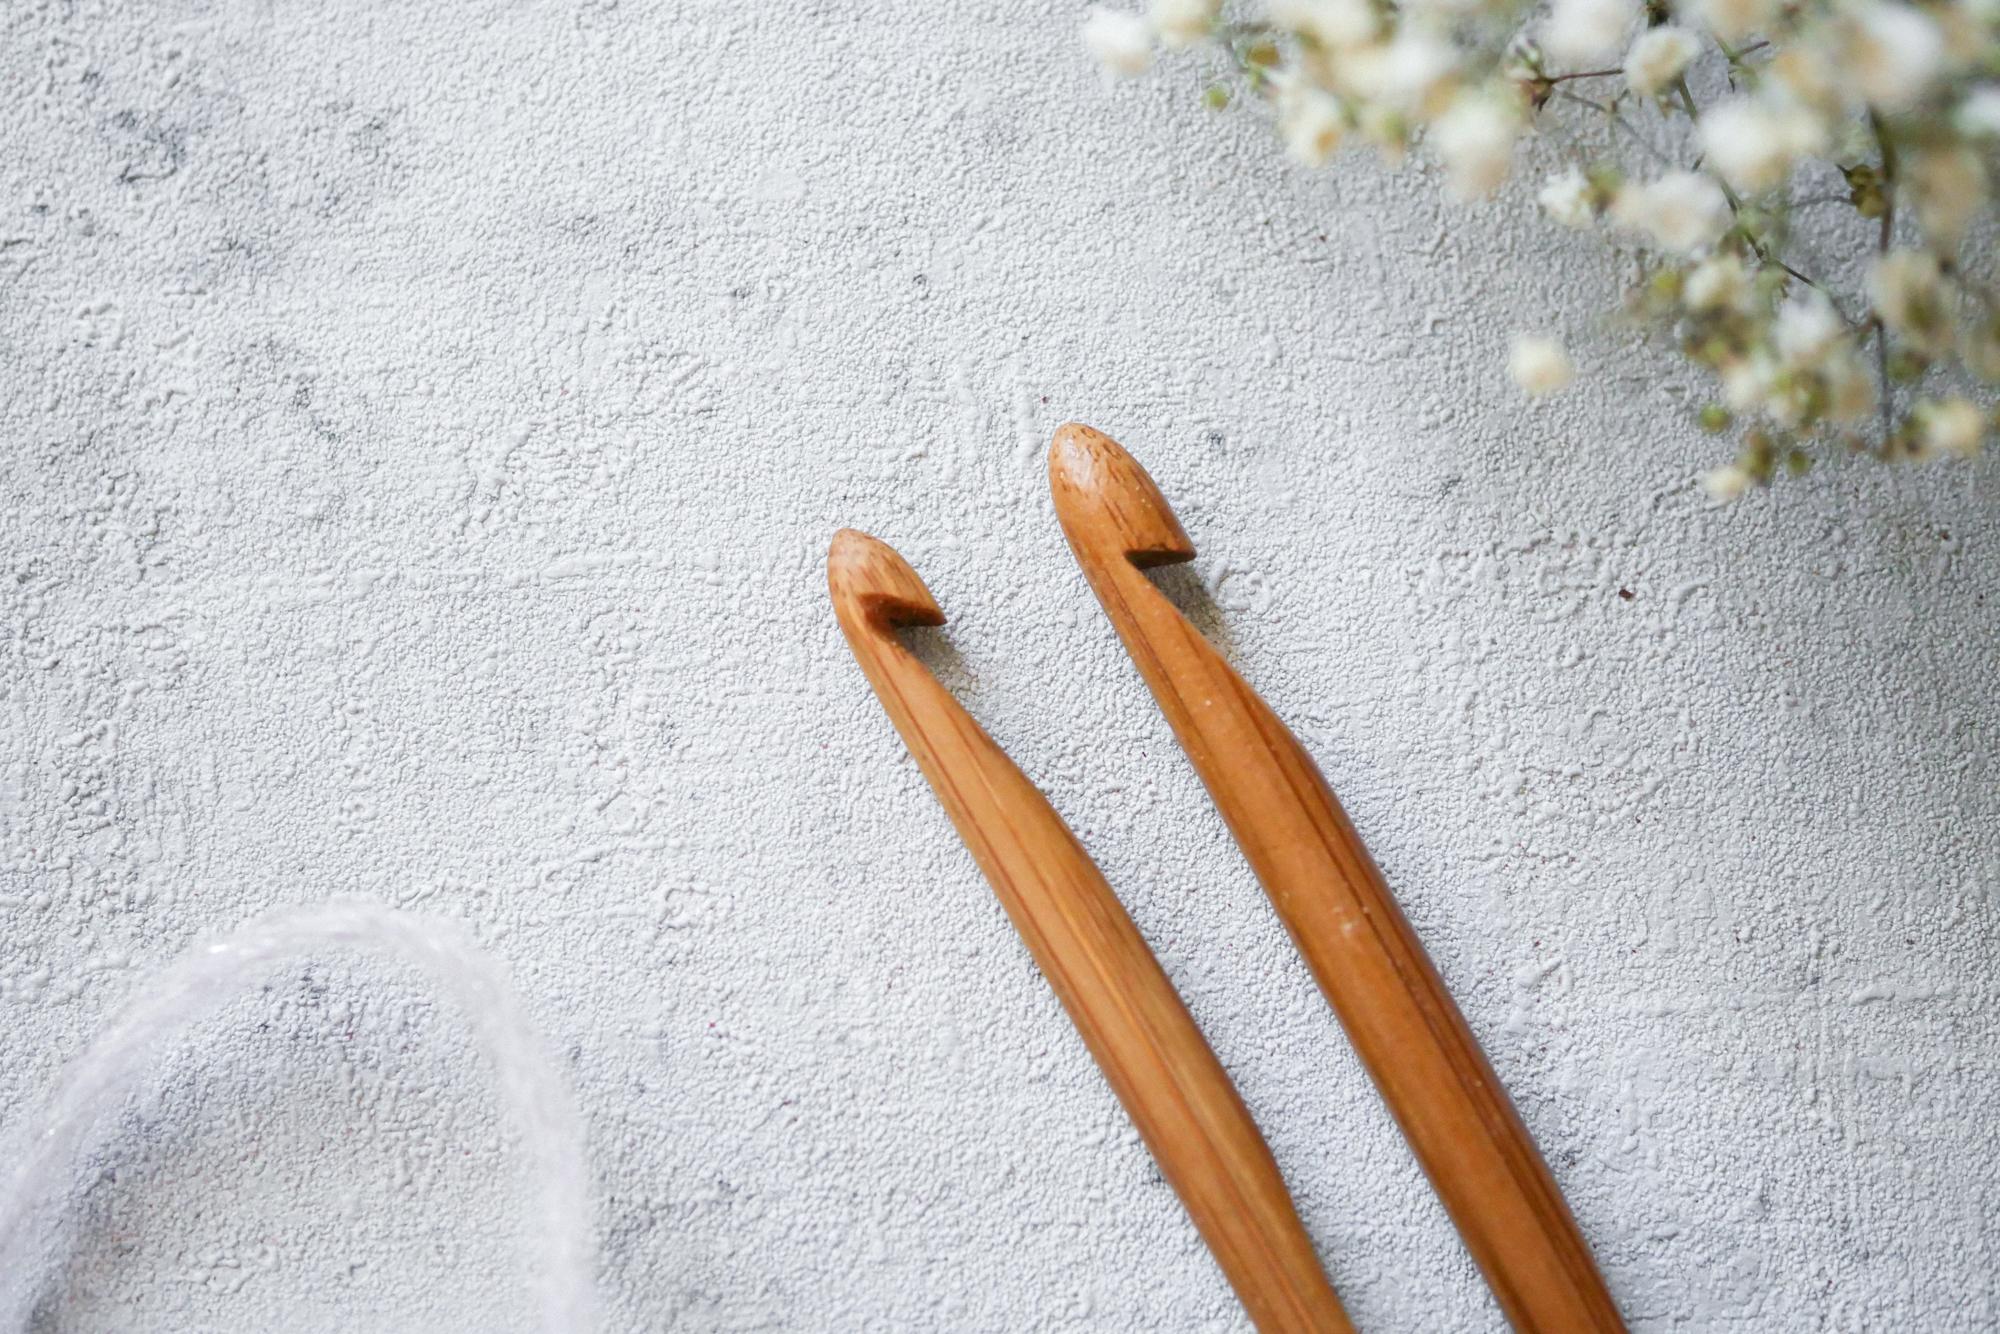 Bambushäkelnadeln nacharbeiten, geht das